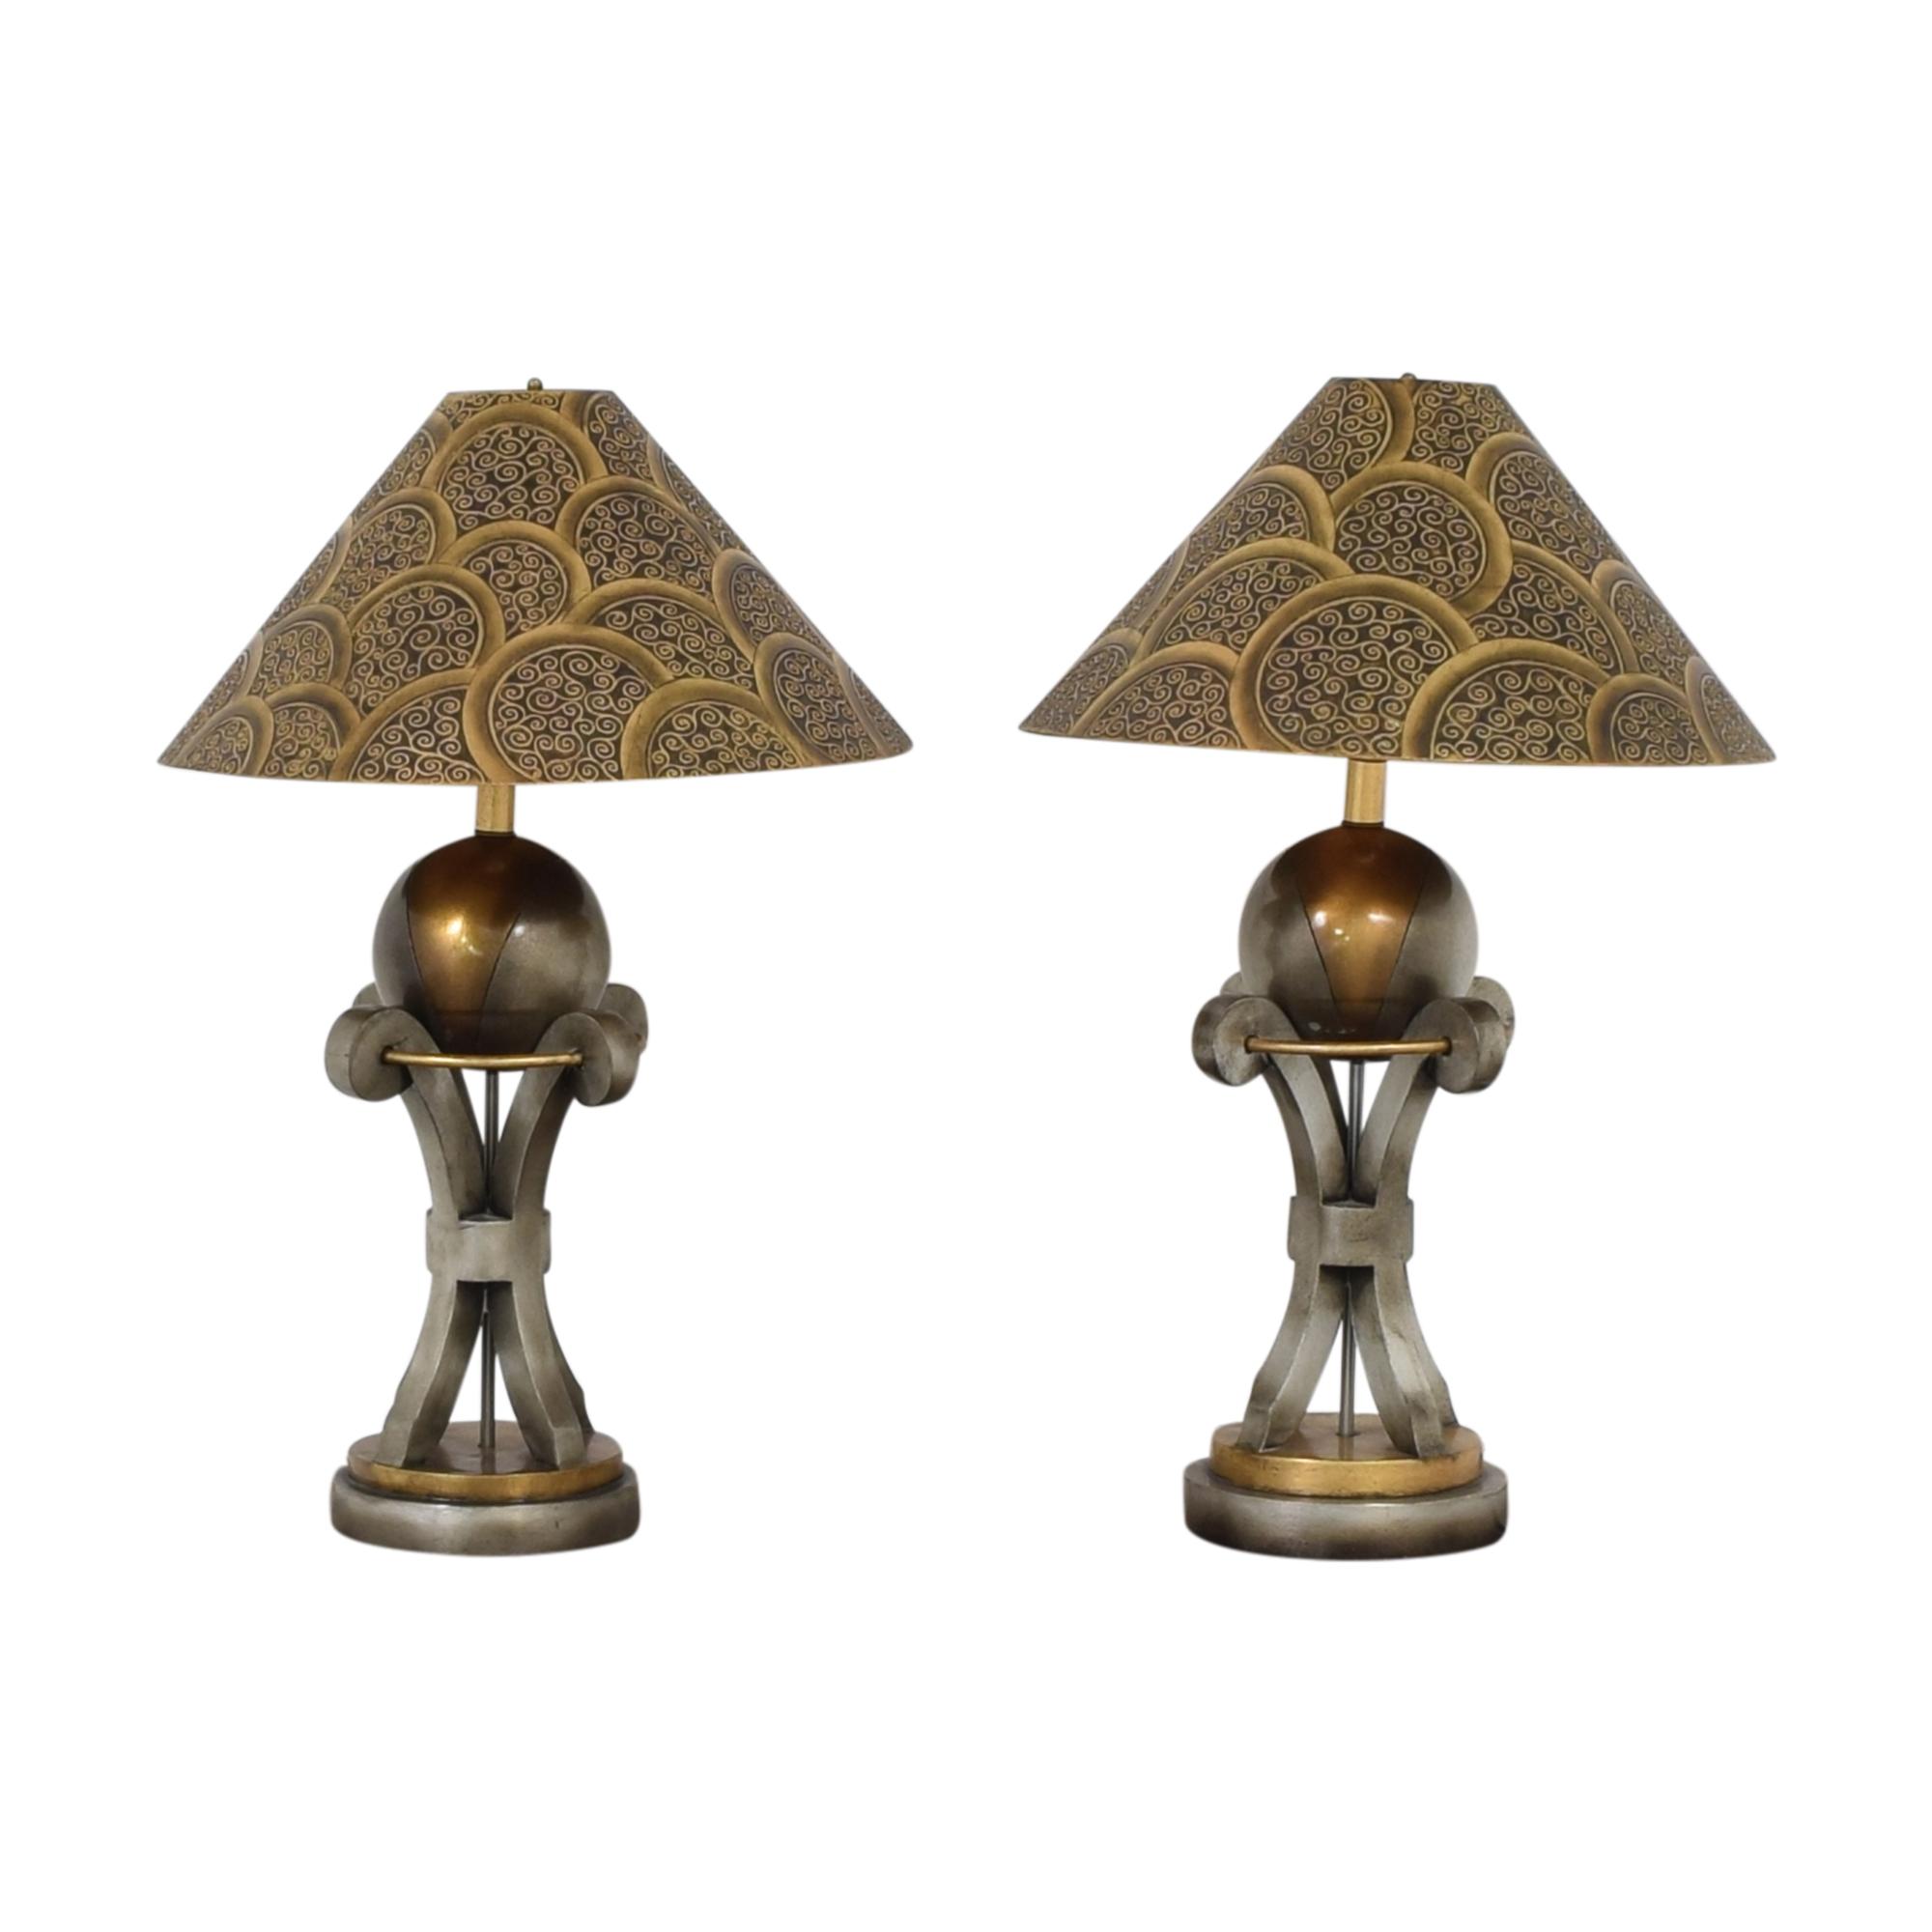 Vintage Lamps / Decor